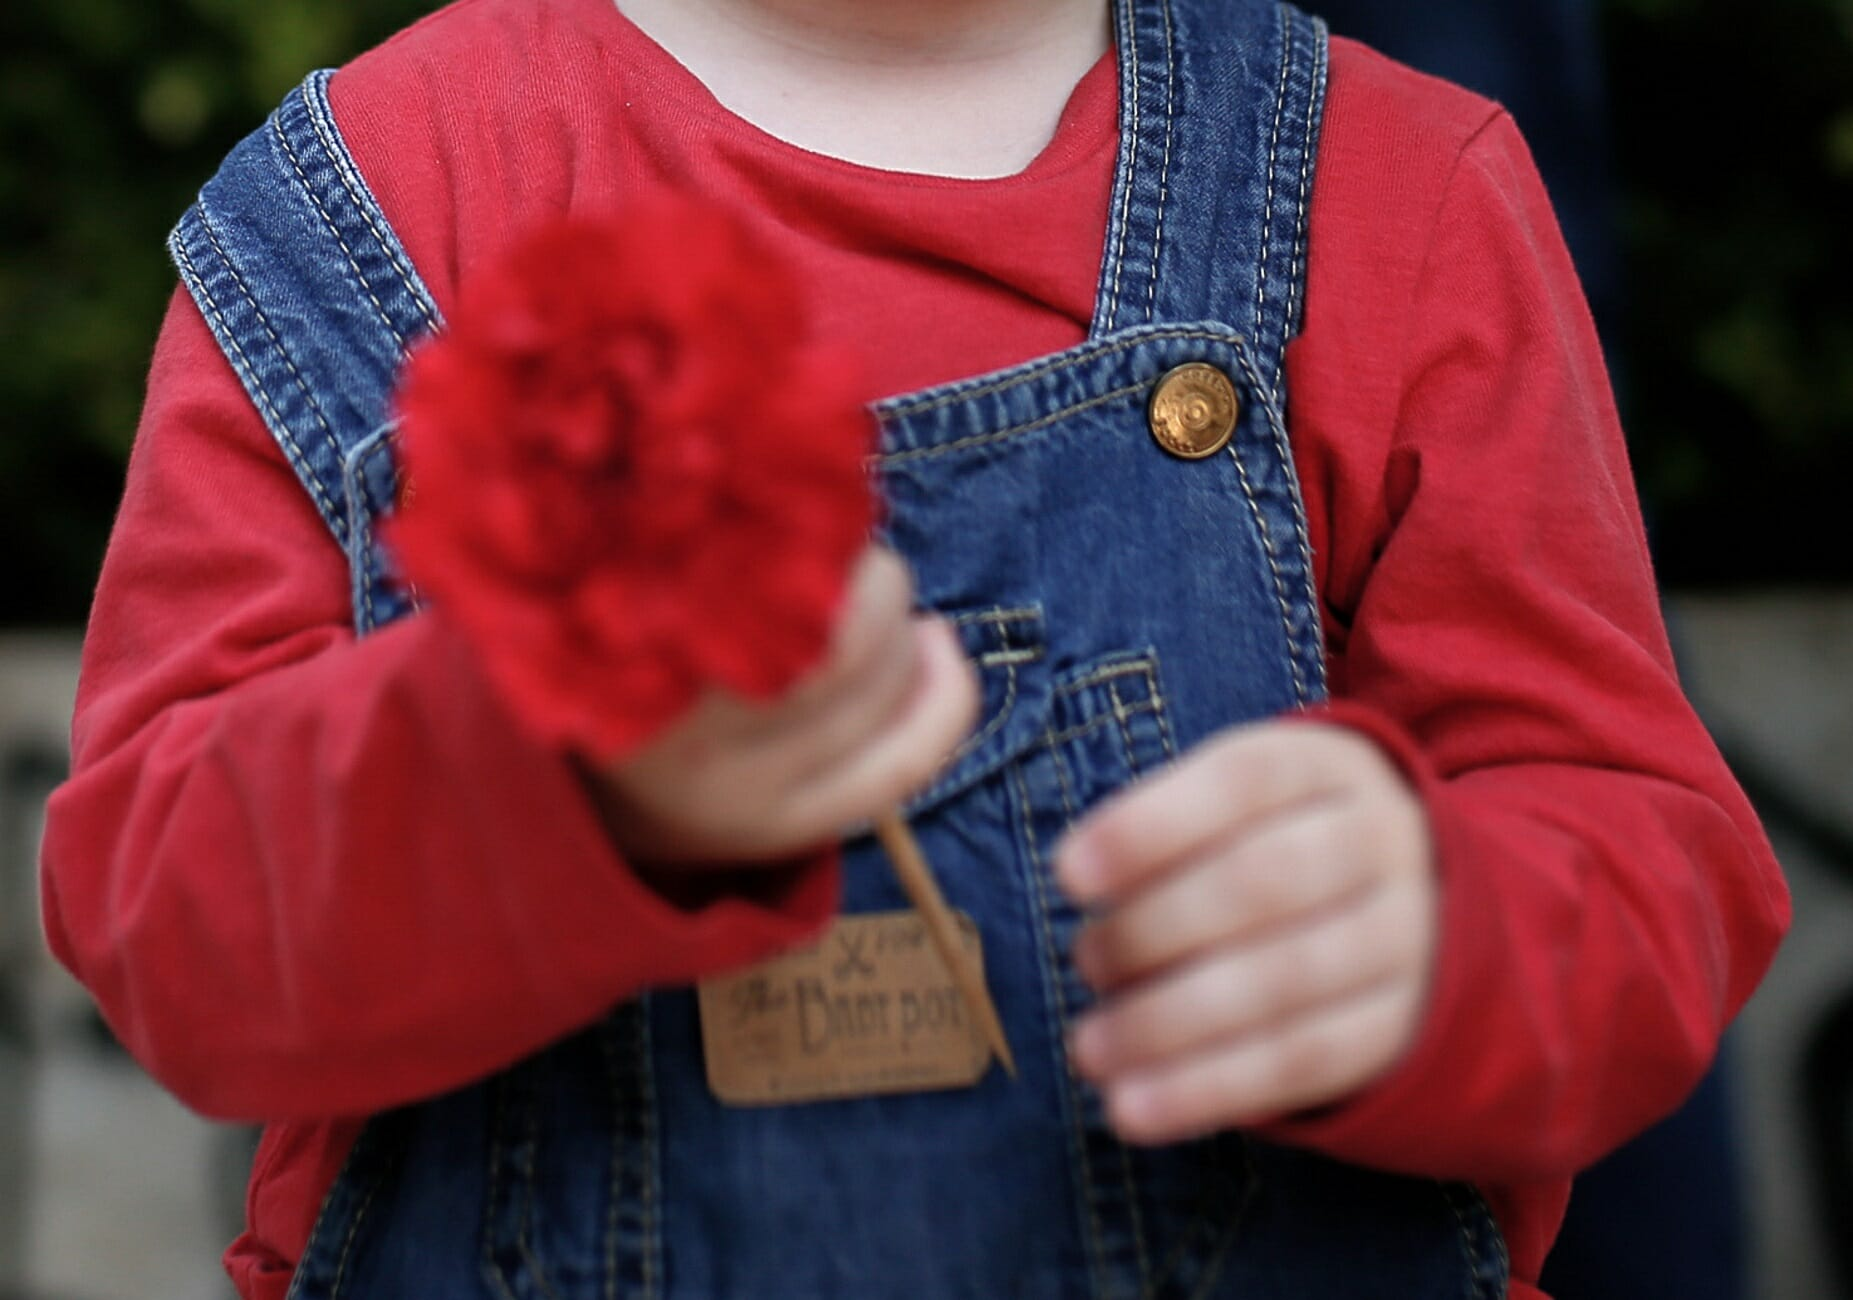 Λάρισα: Πέθανε κοριτσάκι πέντε ετών! Ο επίμονος πυρετός ήταν η αρχή του τέλους της